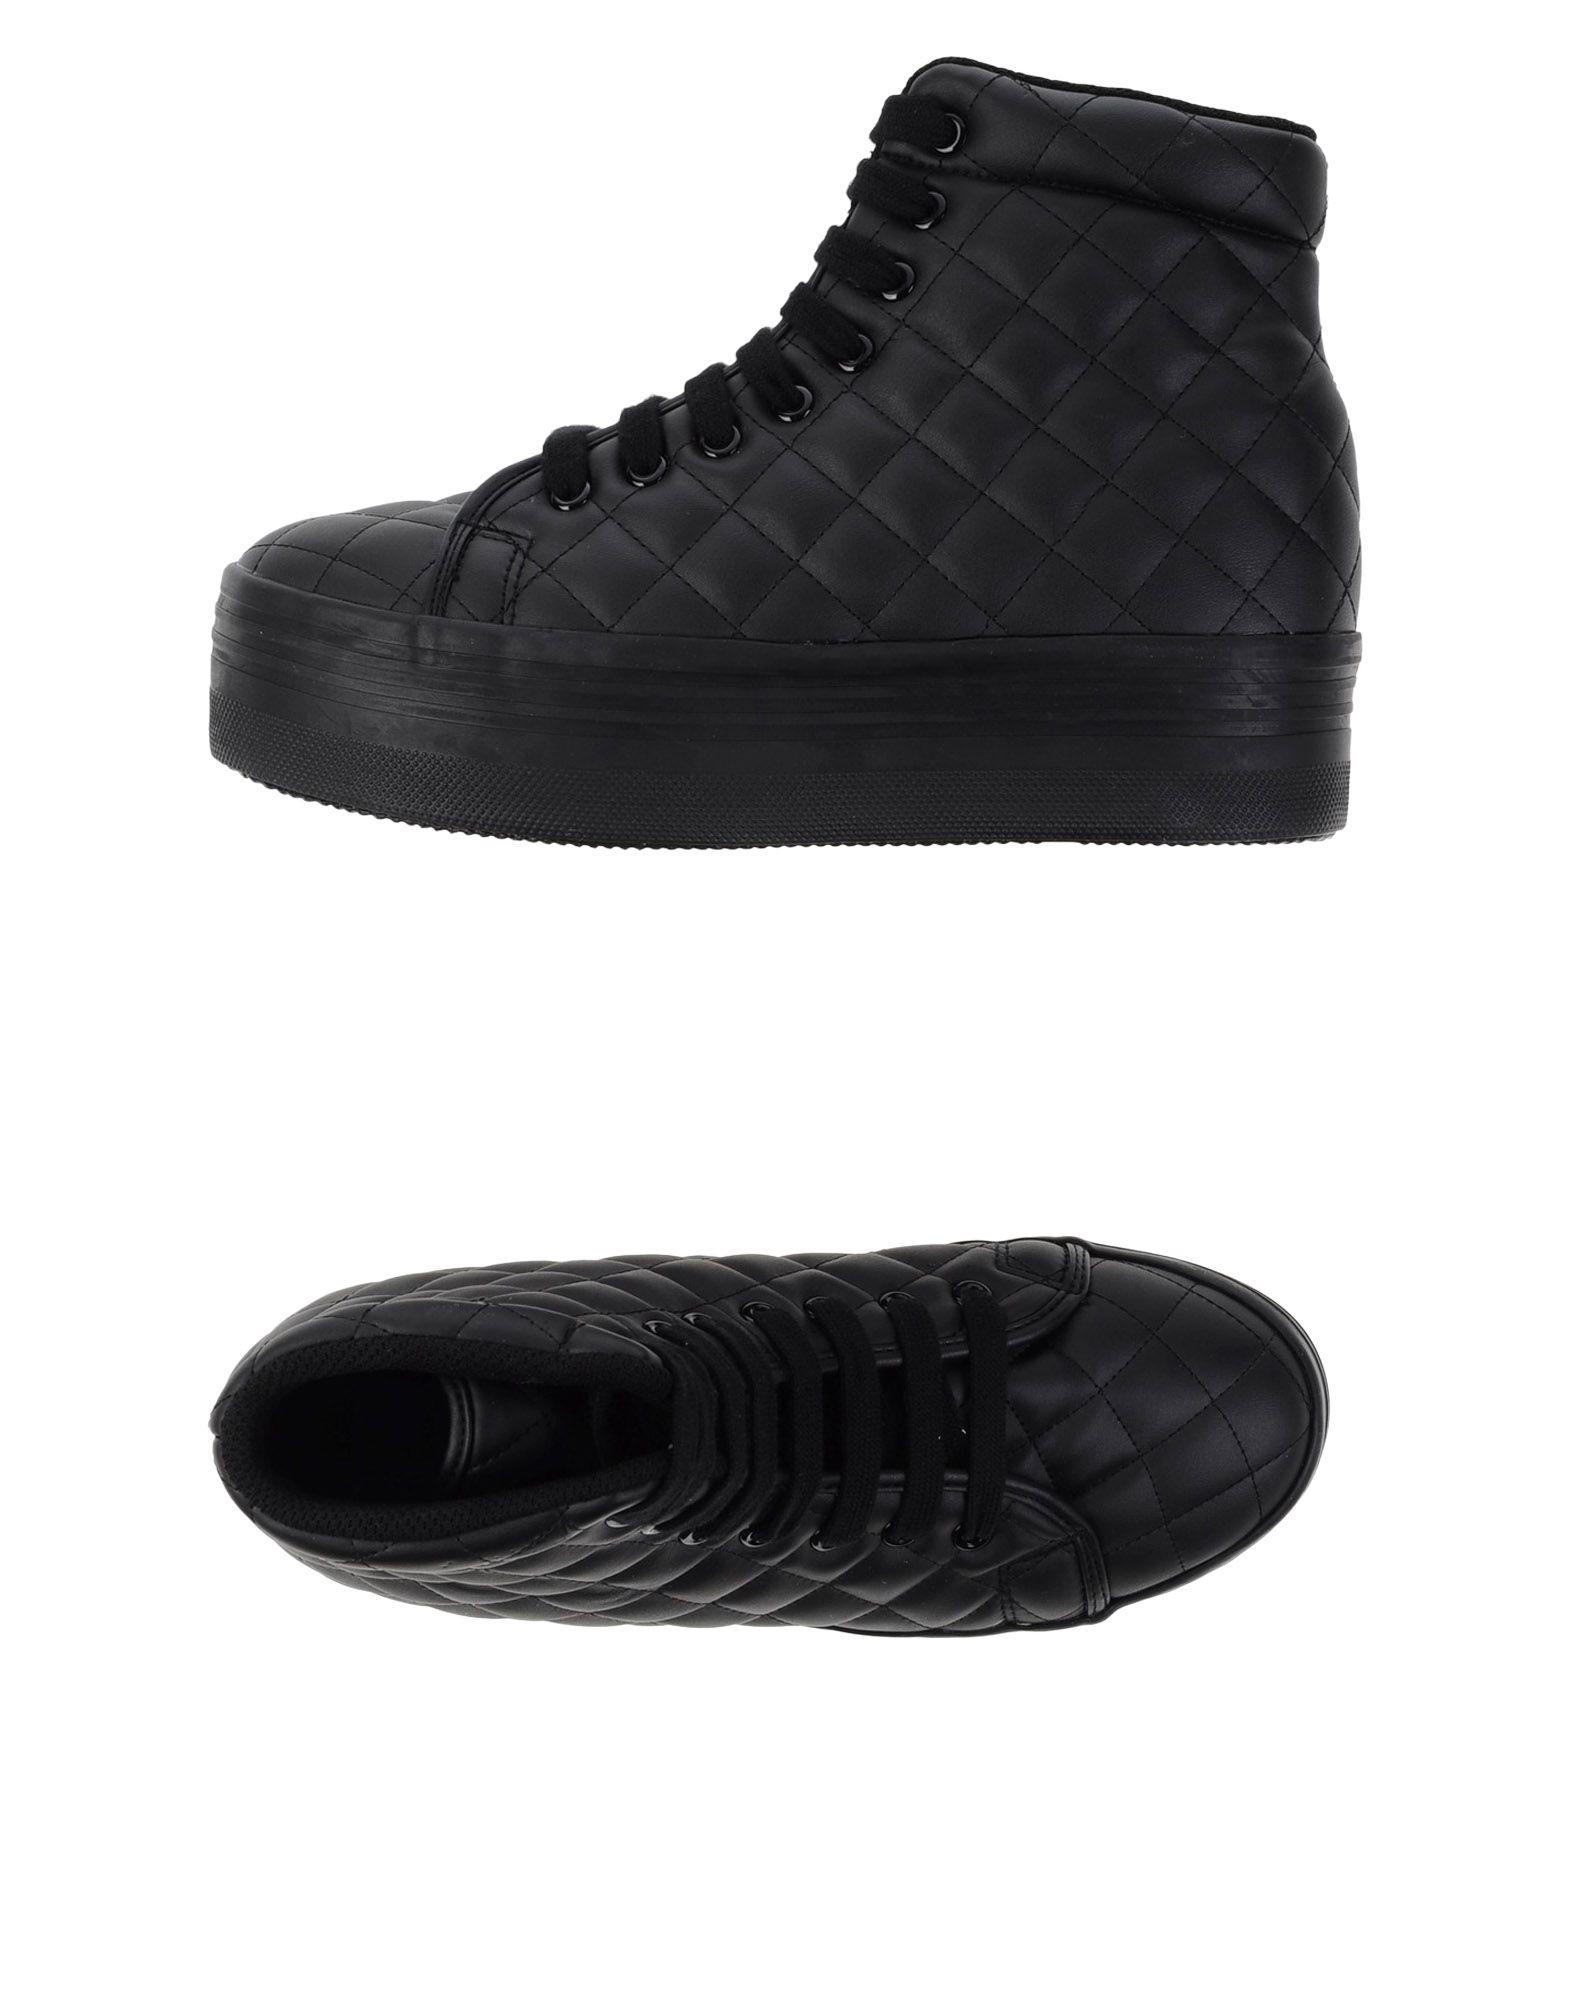 Jeffrey on Campbell Sneakers - Women Jeffrey Campbell Sneakers online on Jeffrey  Canada - 44840305OS 2c18f3